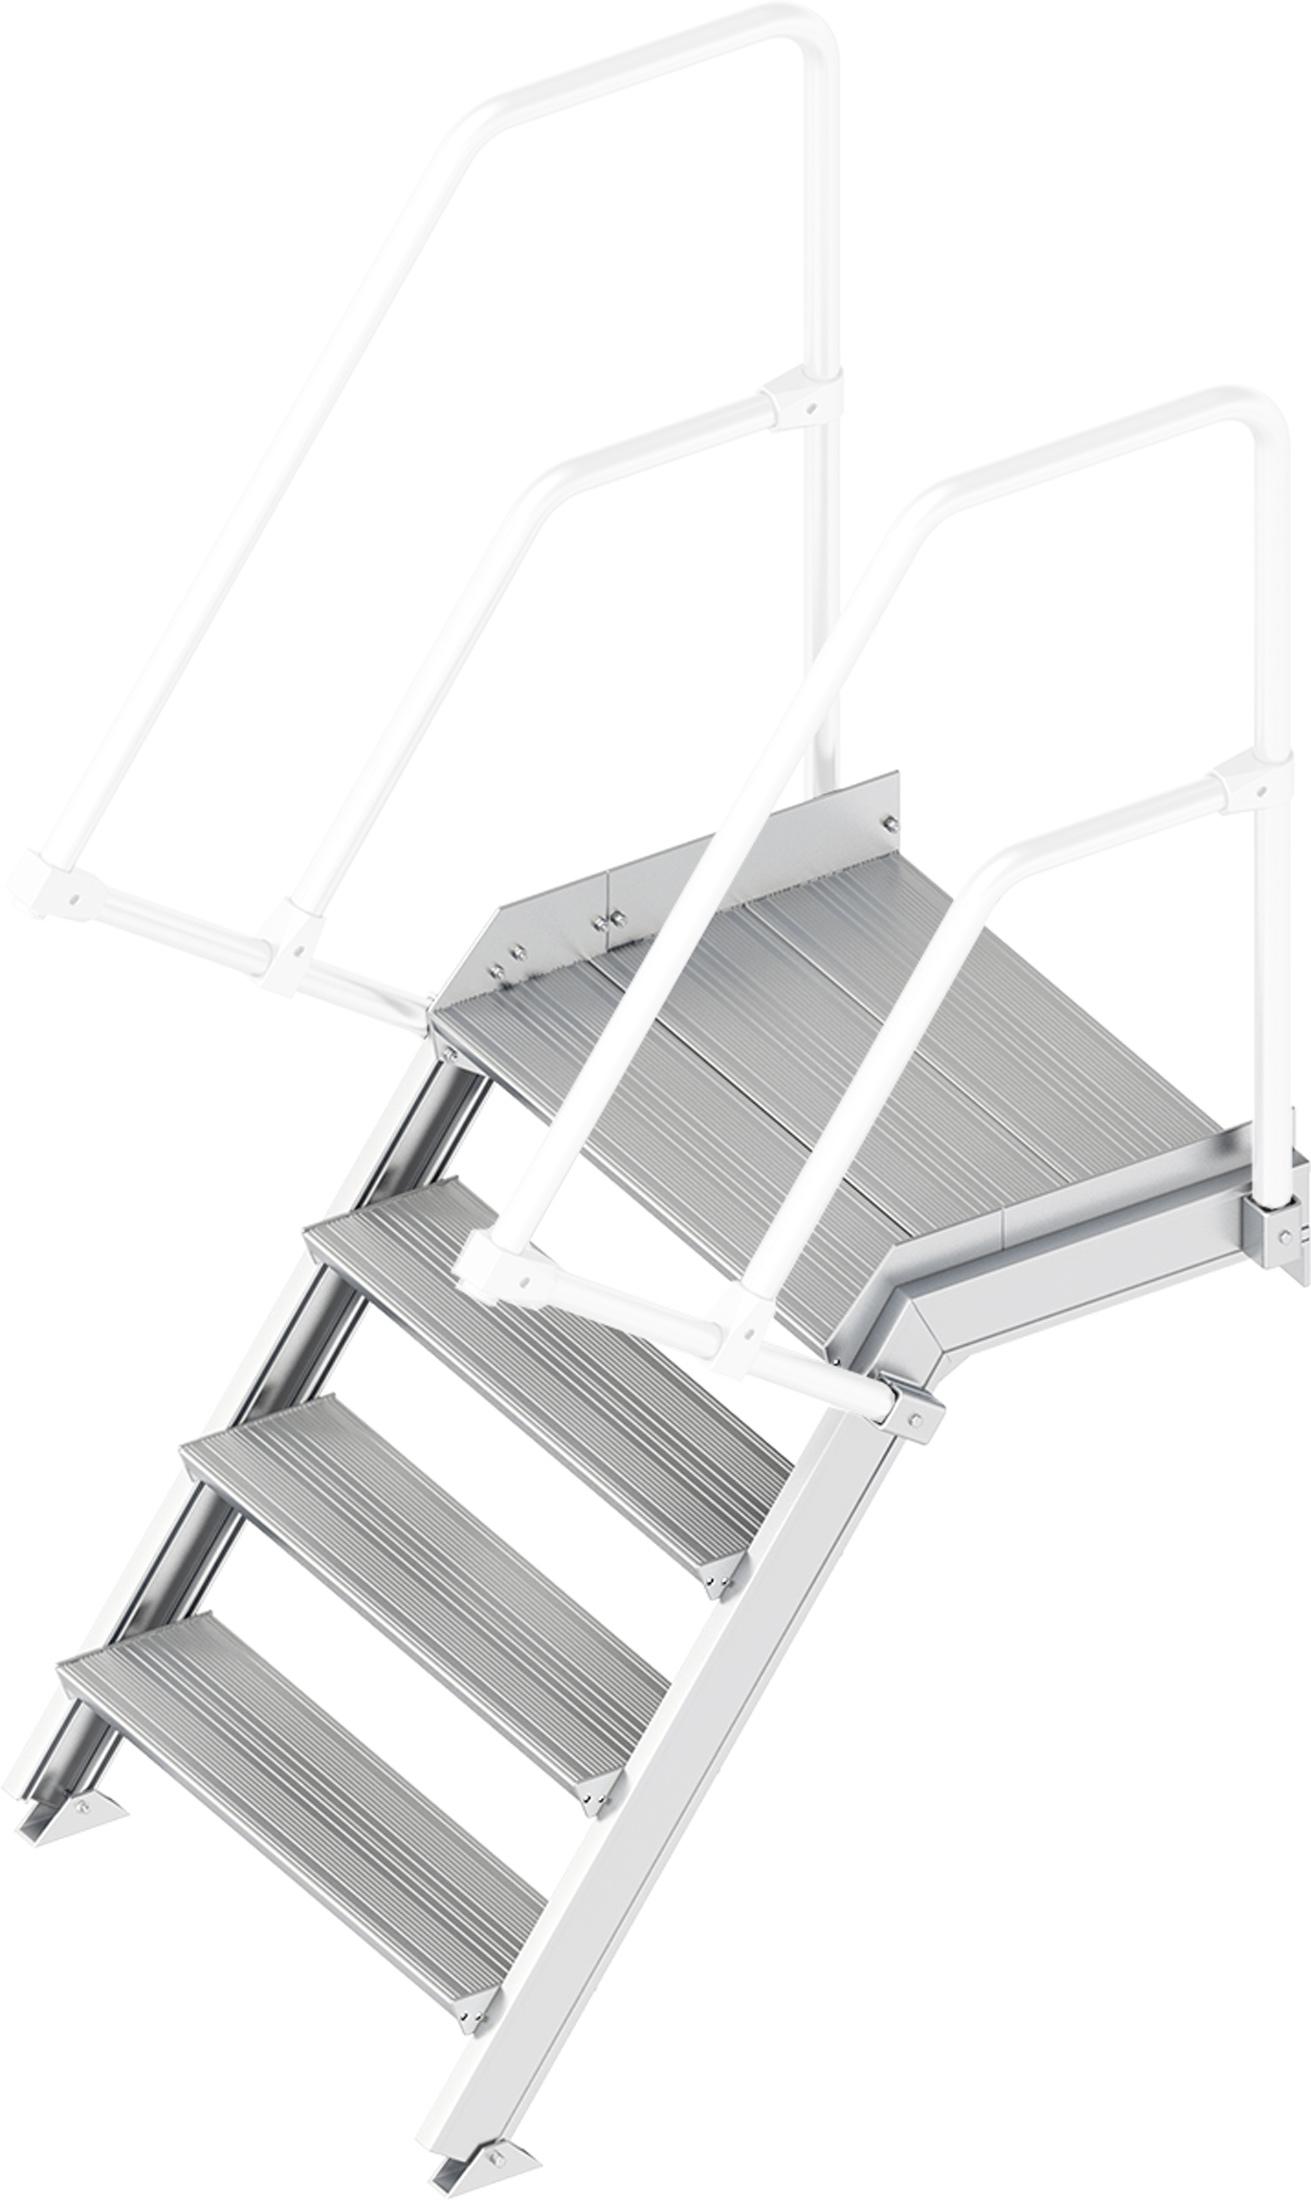 Layher Plattformtreppe 55° 4 Stufen - 800 mm breit